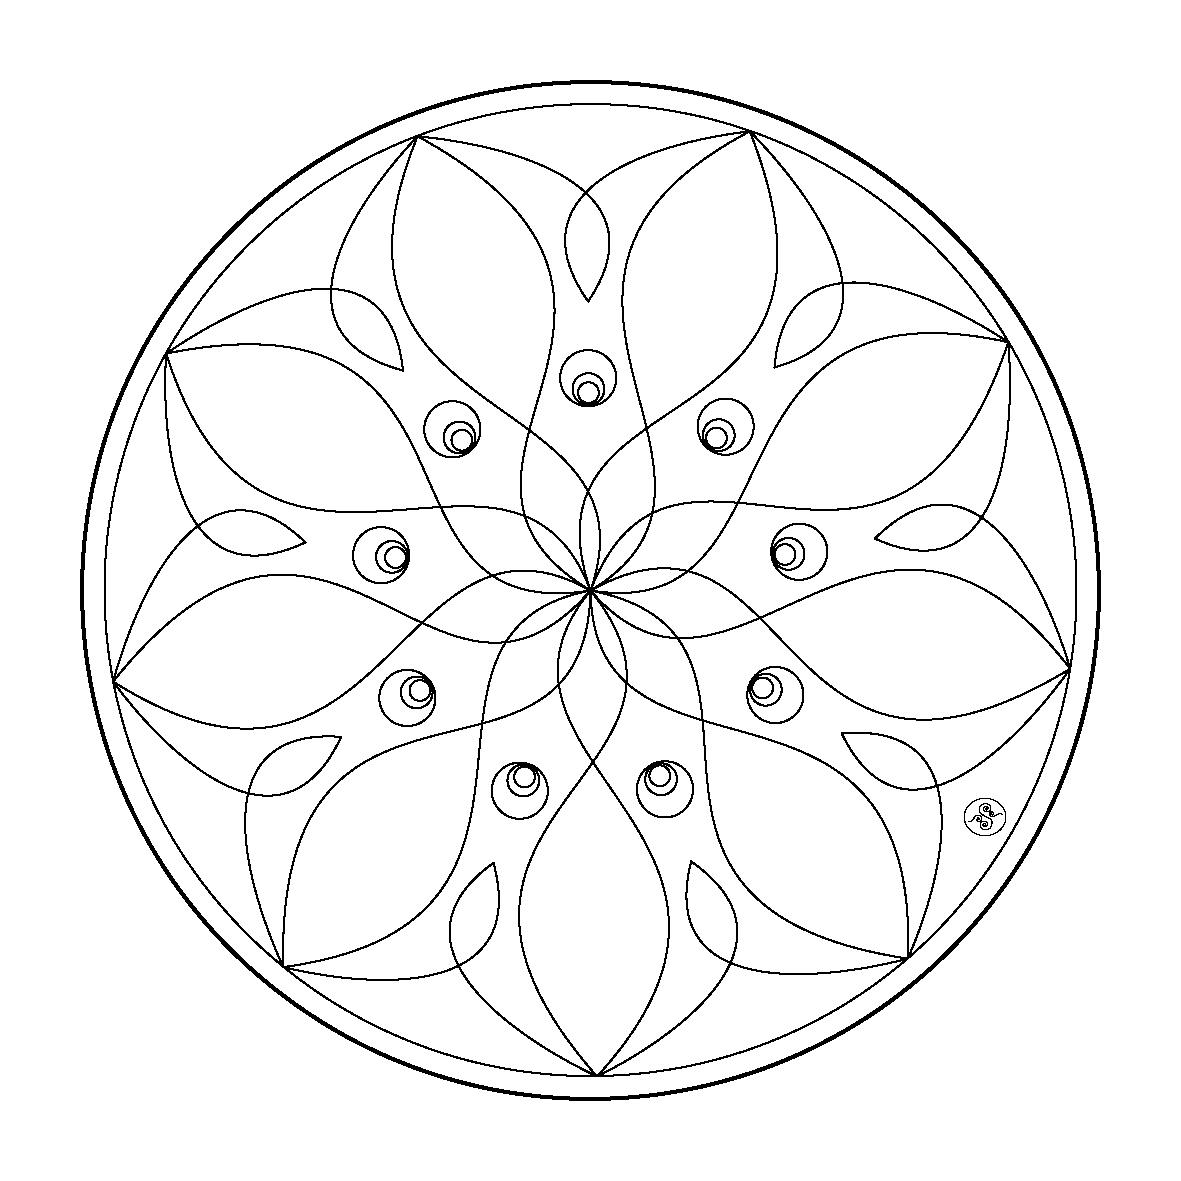 Mandalas Pour Enfants #40 (Mandalas) – Coloriages À Imprimer à Mandala À Colorier Et À Imprimer Gratuit